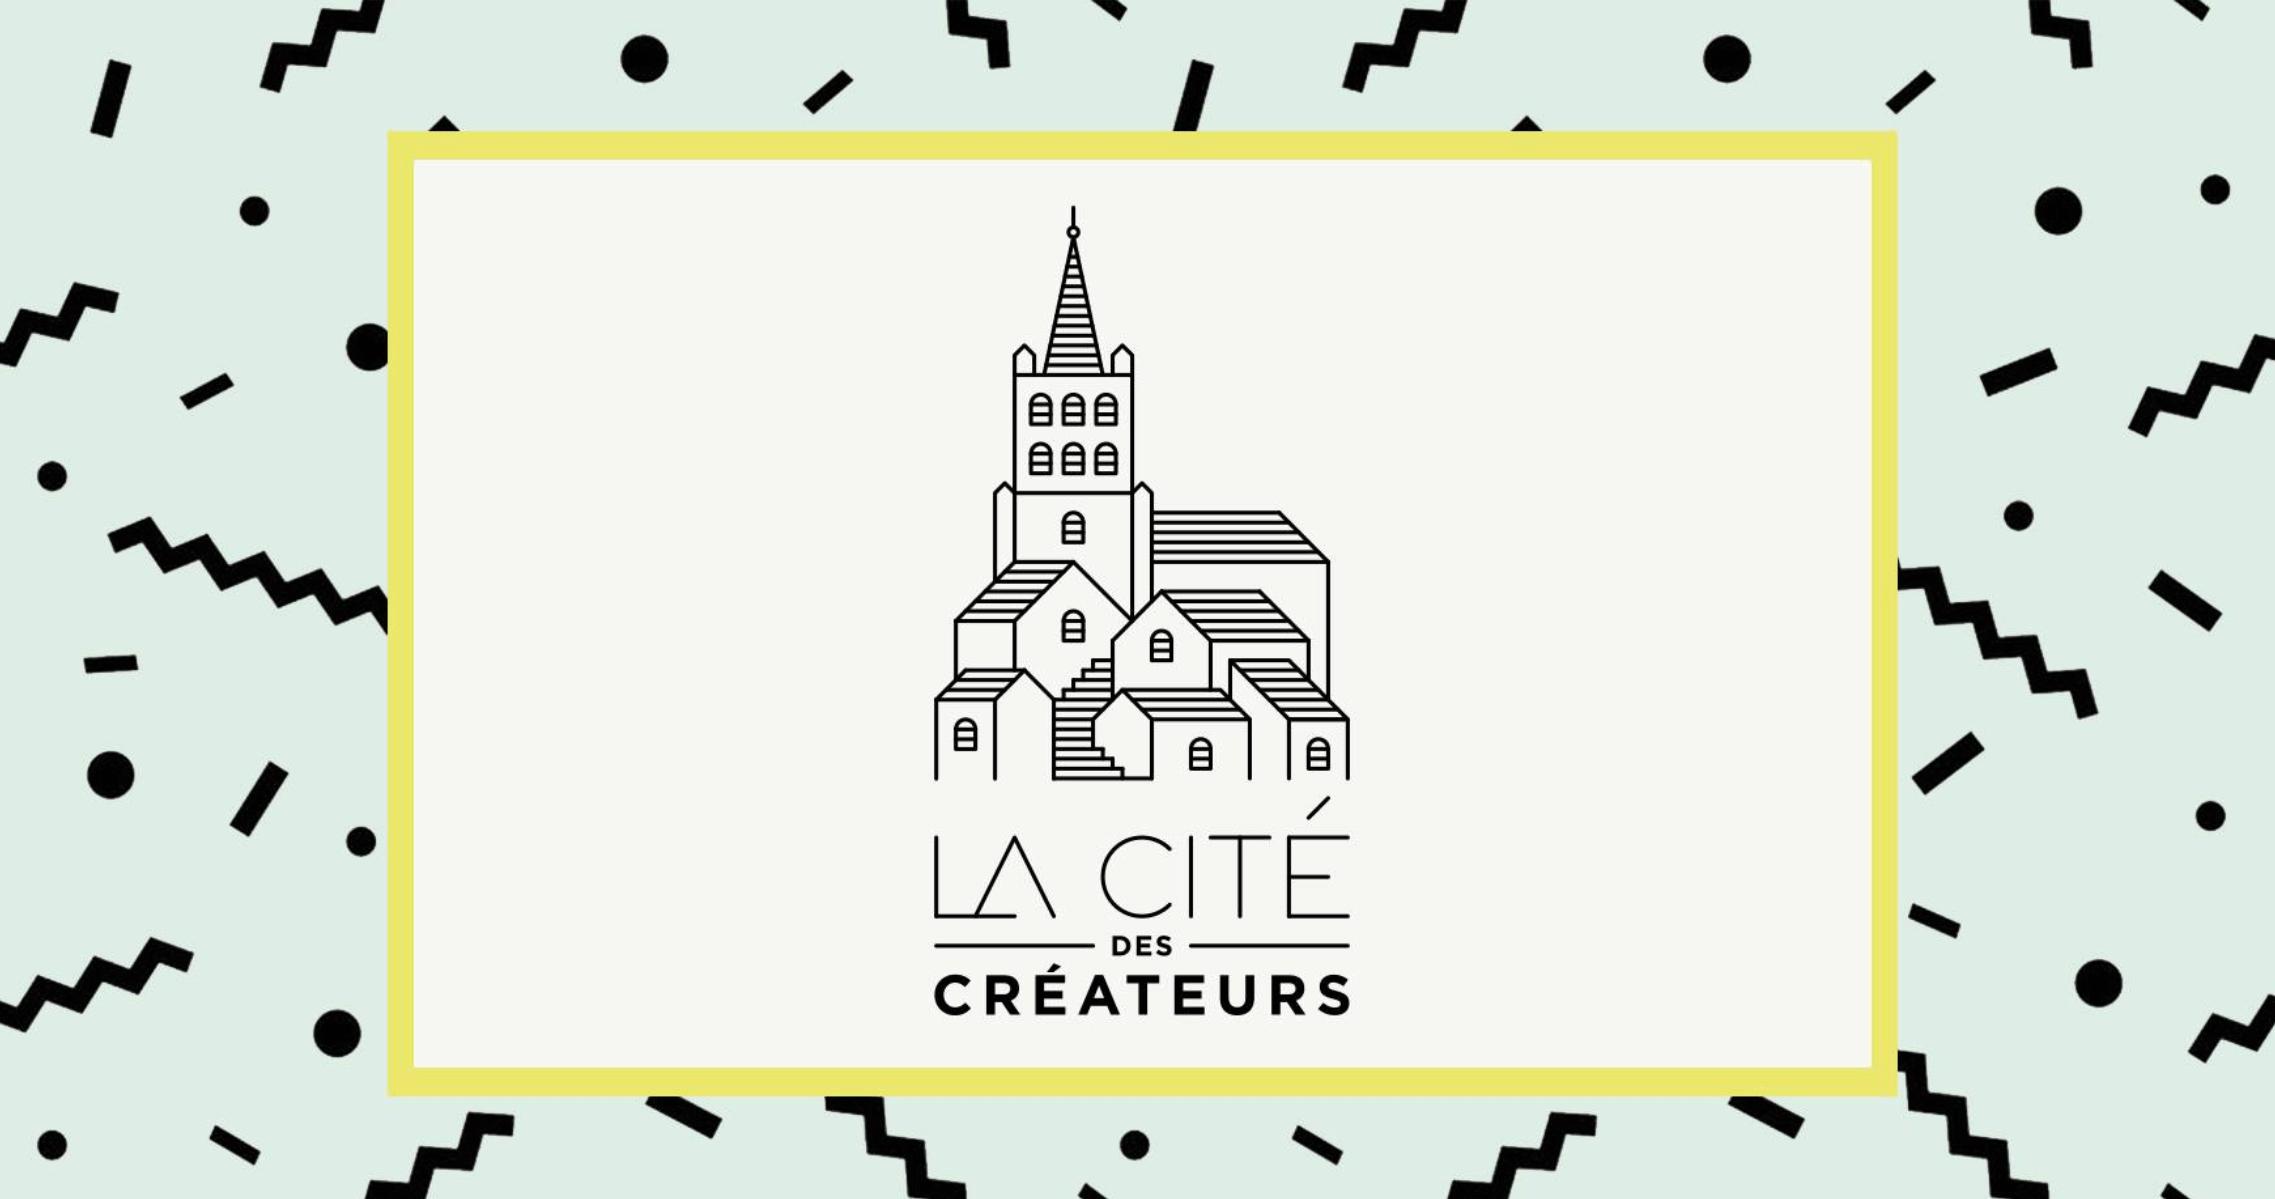 Cité des créateurs Lausanne